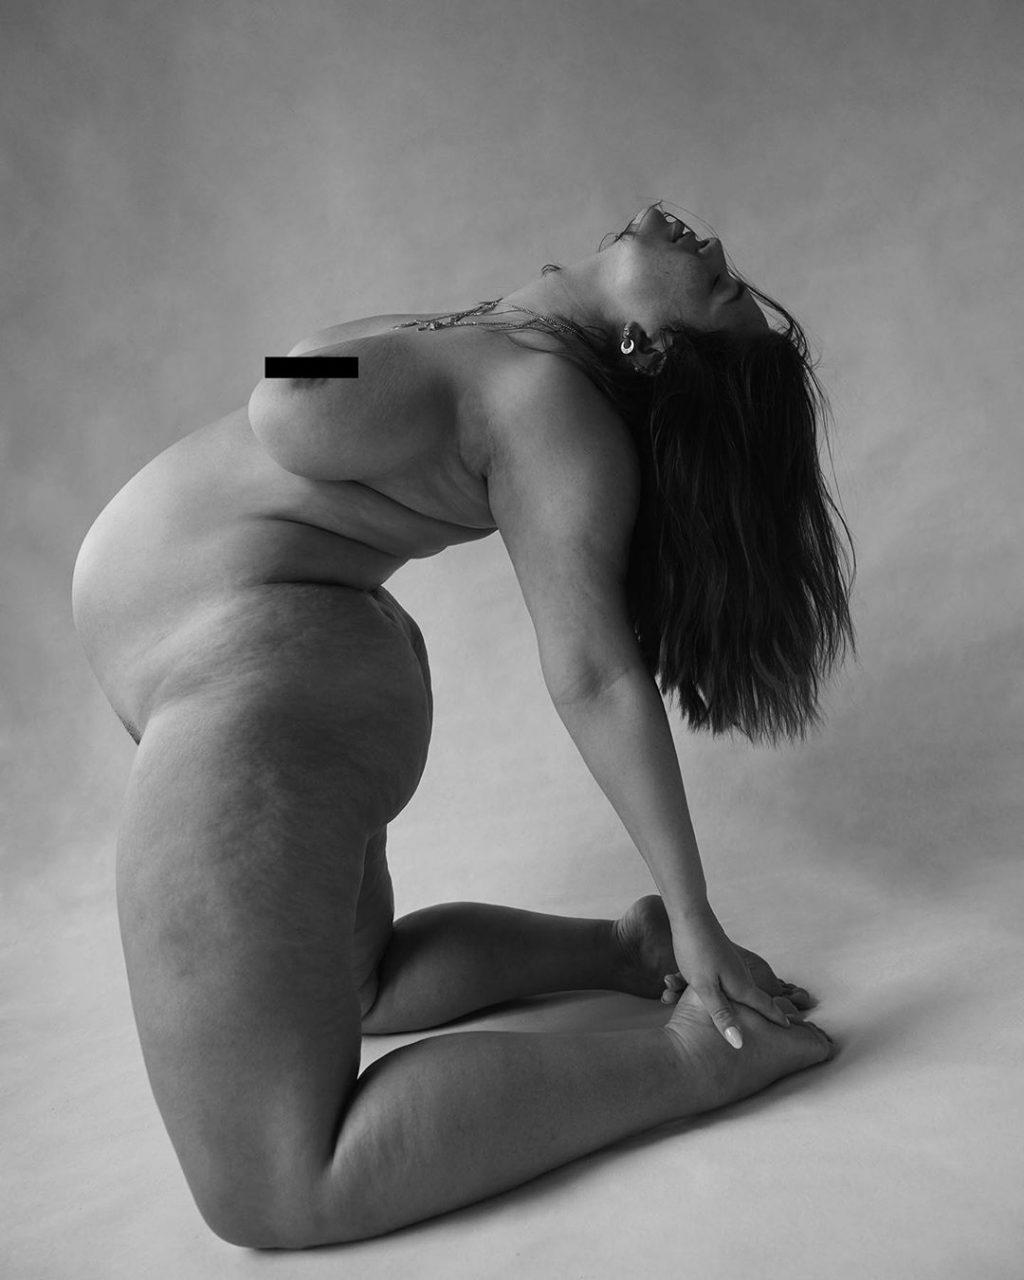 Ashley Graham Nude (1 Hot Photo)